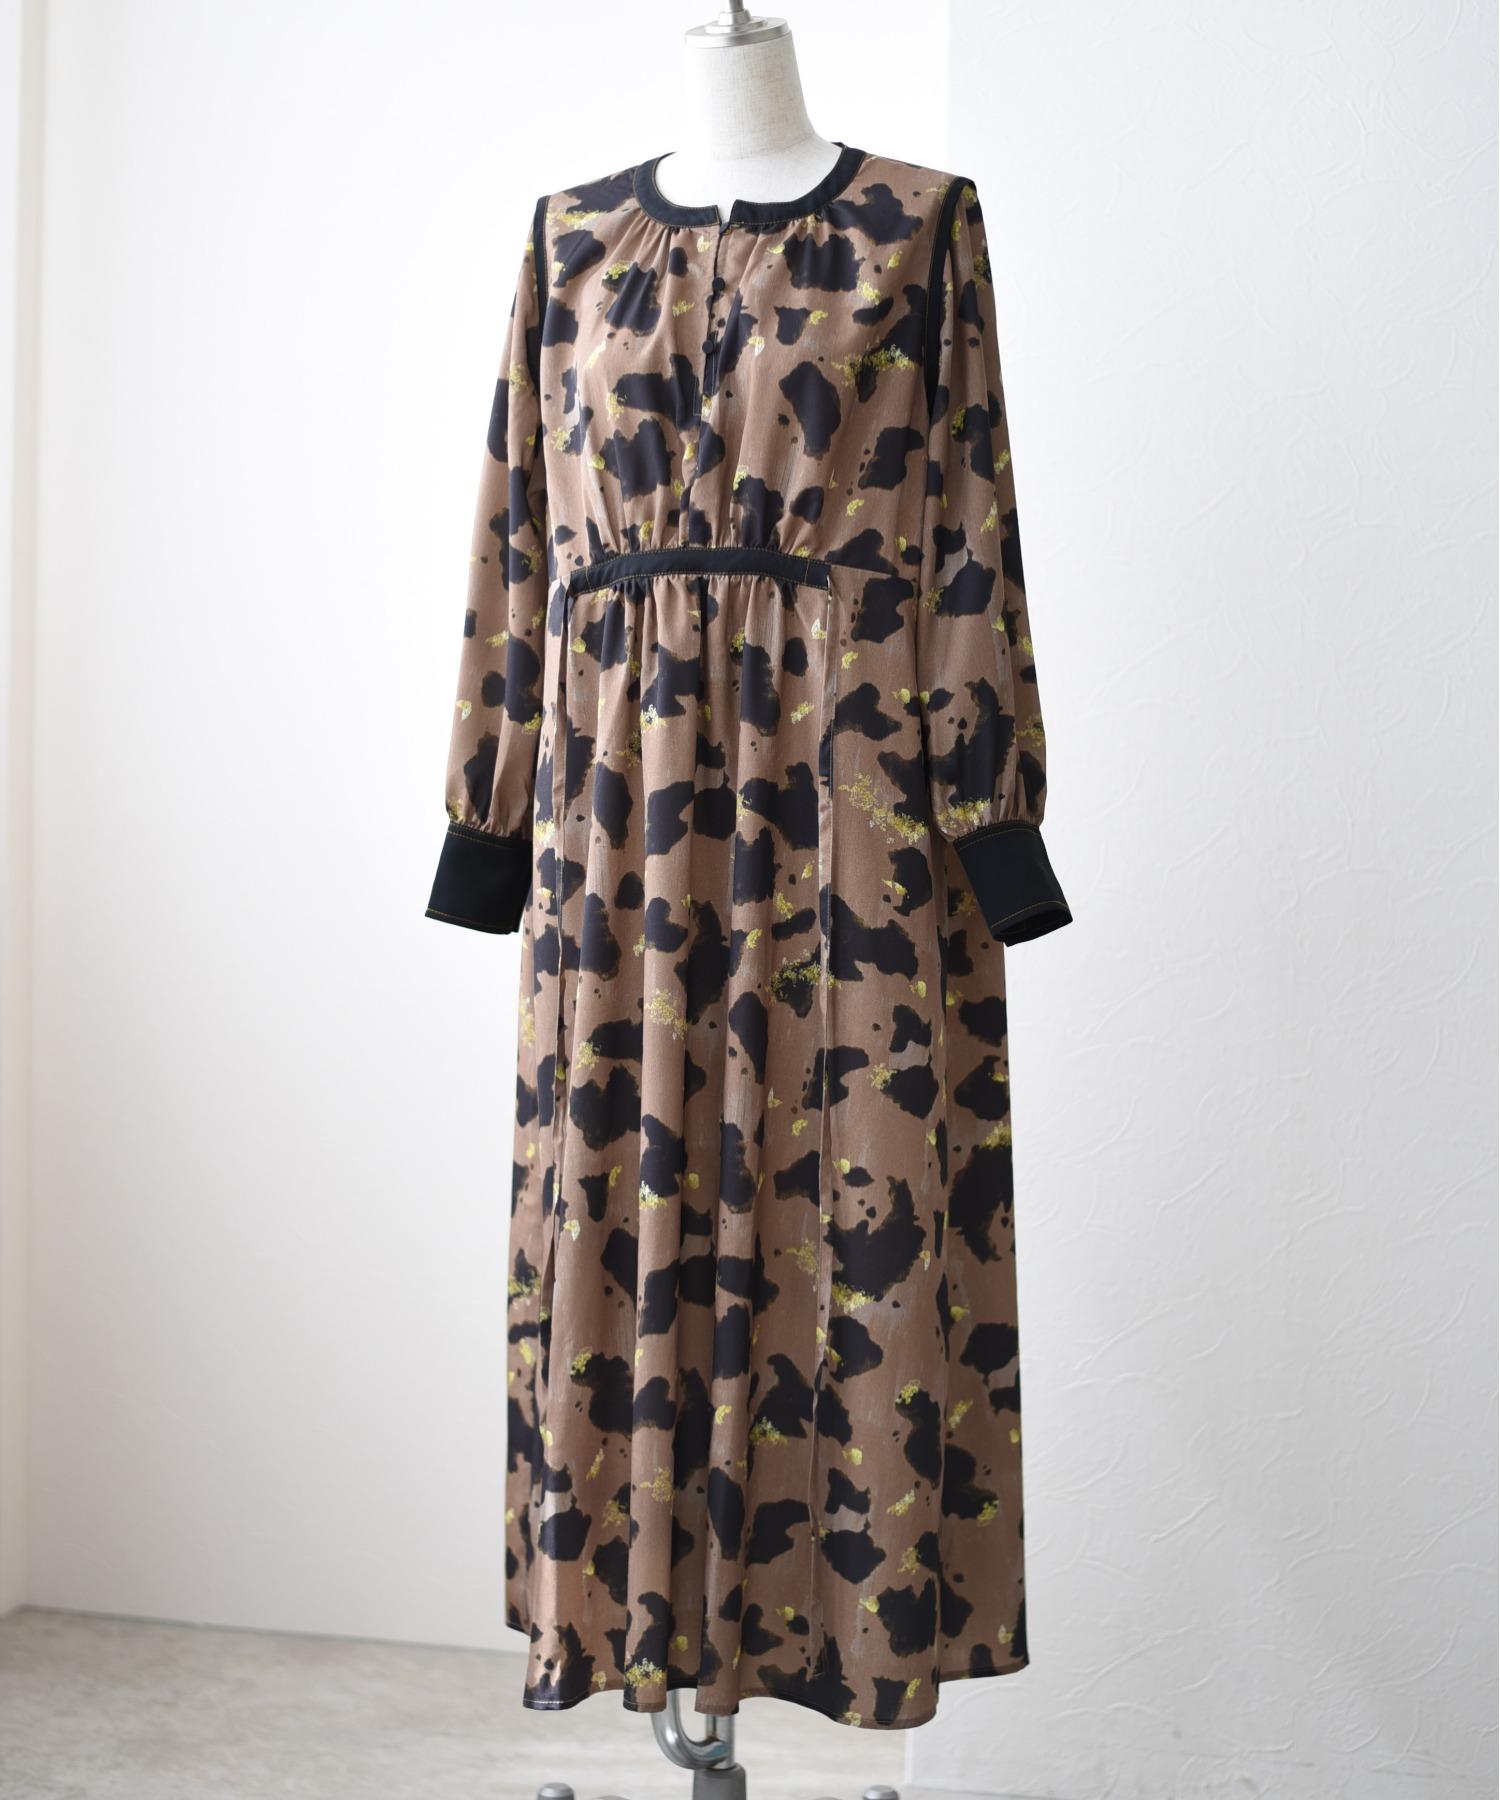 COWプリント パイピングデザインドレス